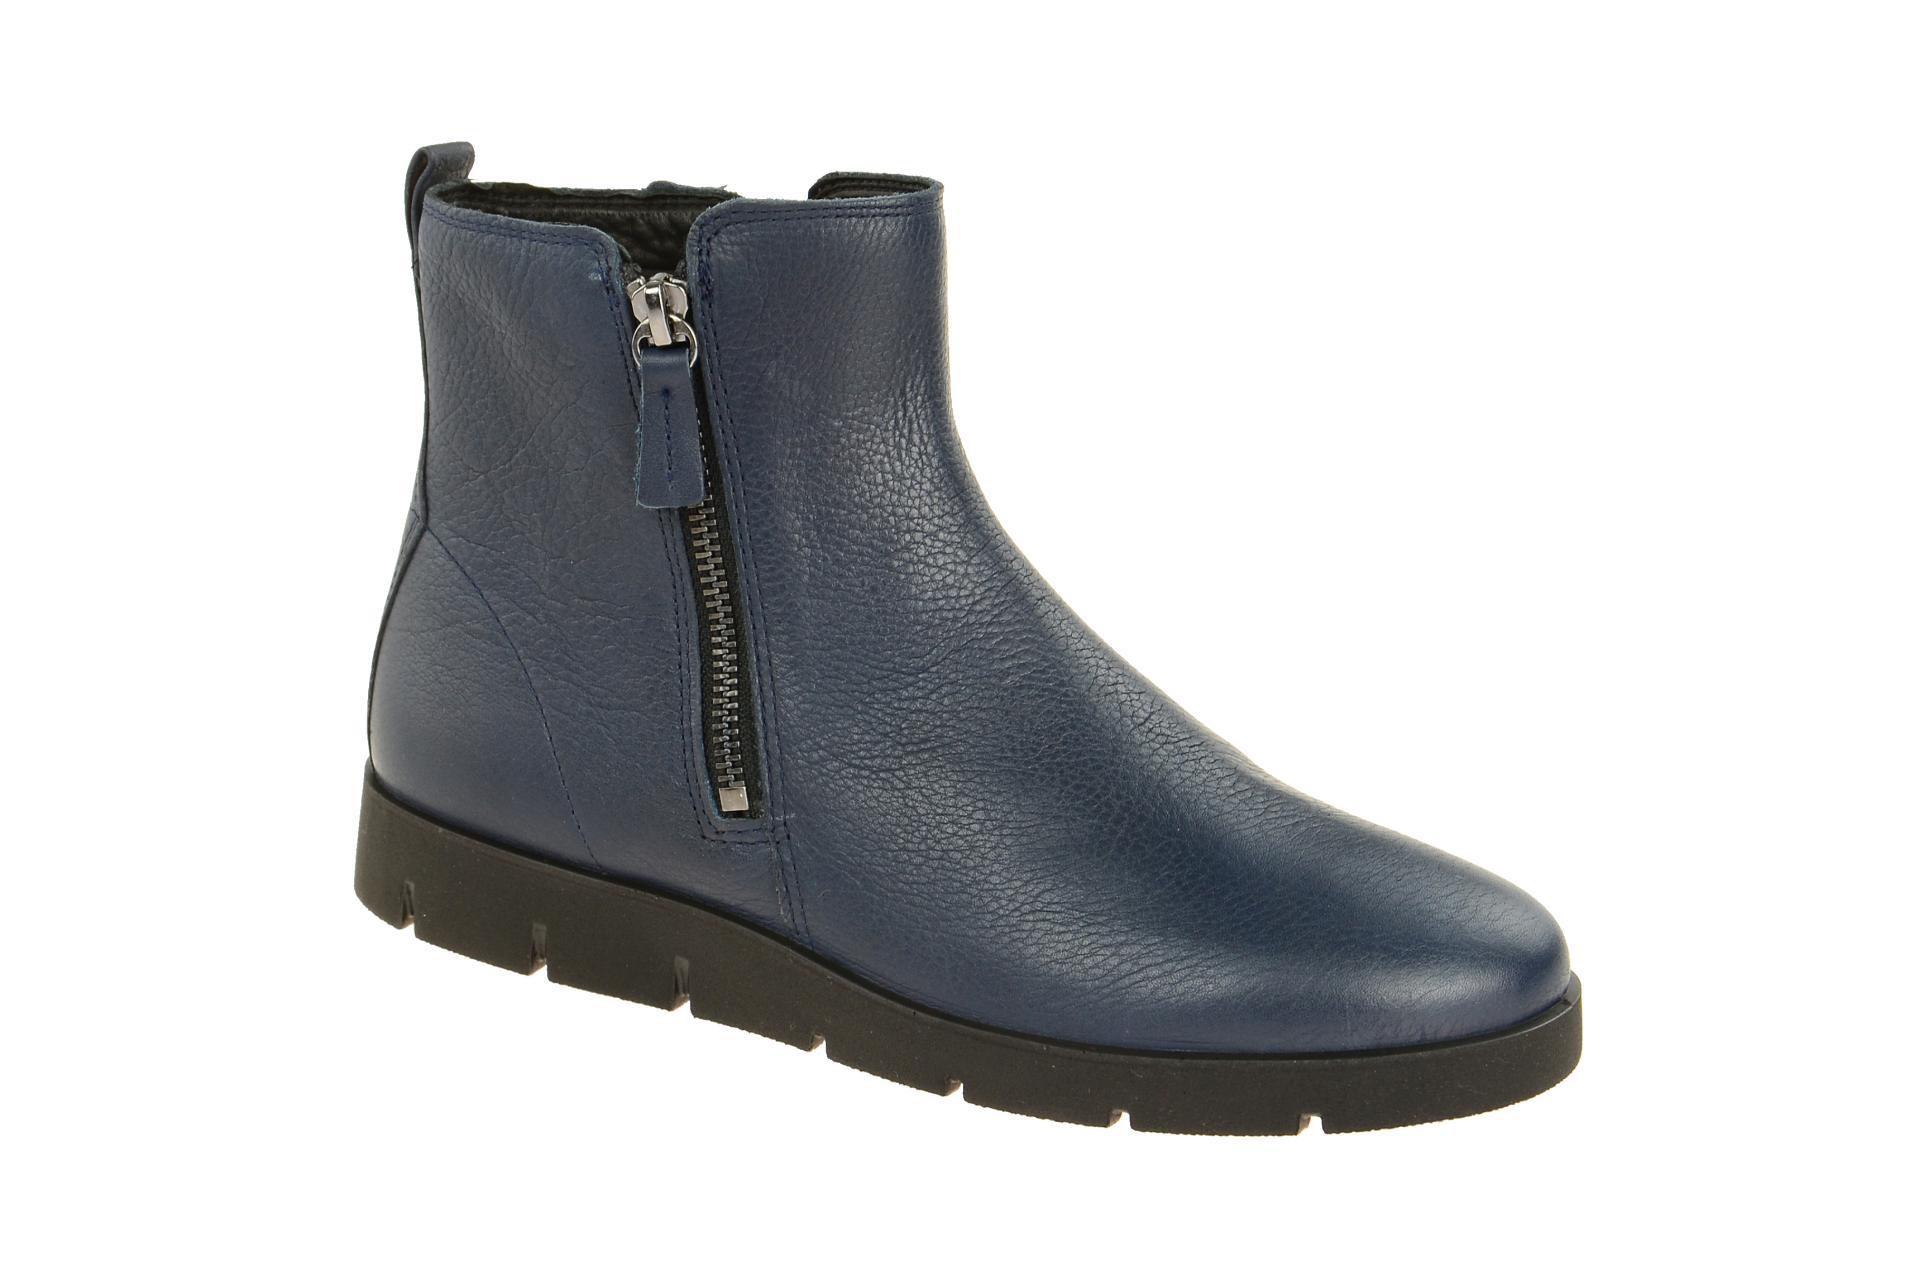 1c4cee06570754 Ecco Schuhe BELLA blau Damen Stiefeletten bequeme Stiefelette 28201301038  NEU